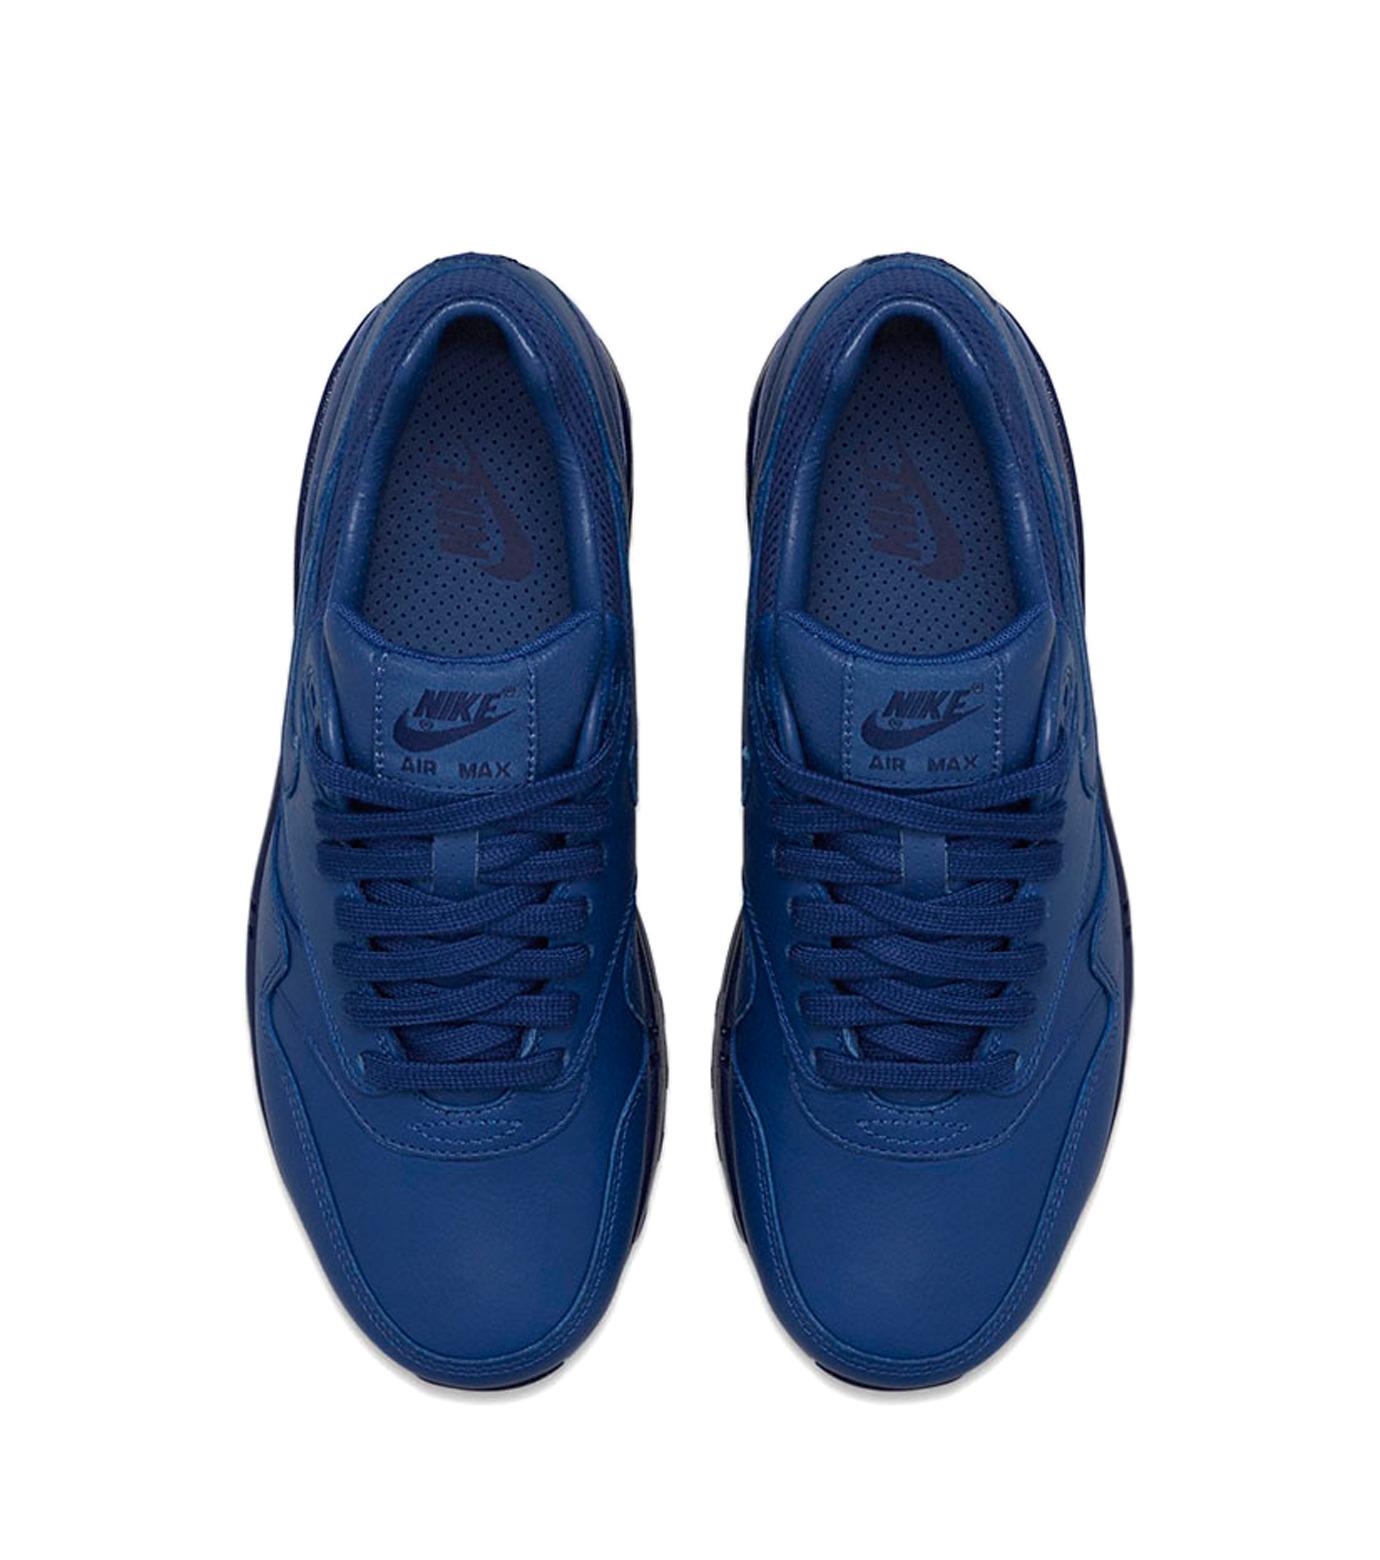 NIKE(ナイキ)のWMNS AIR MAX 1 PINNACLE-BLUE(シューズ/shoes)-839608-400-92 拡大詳細画像4